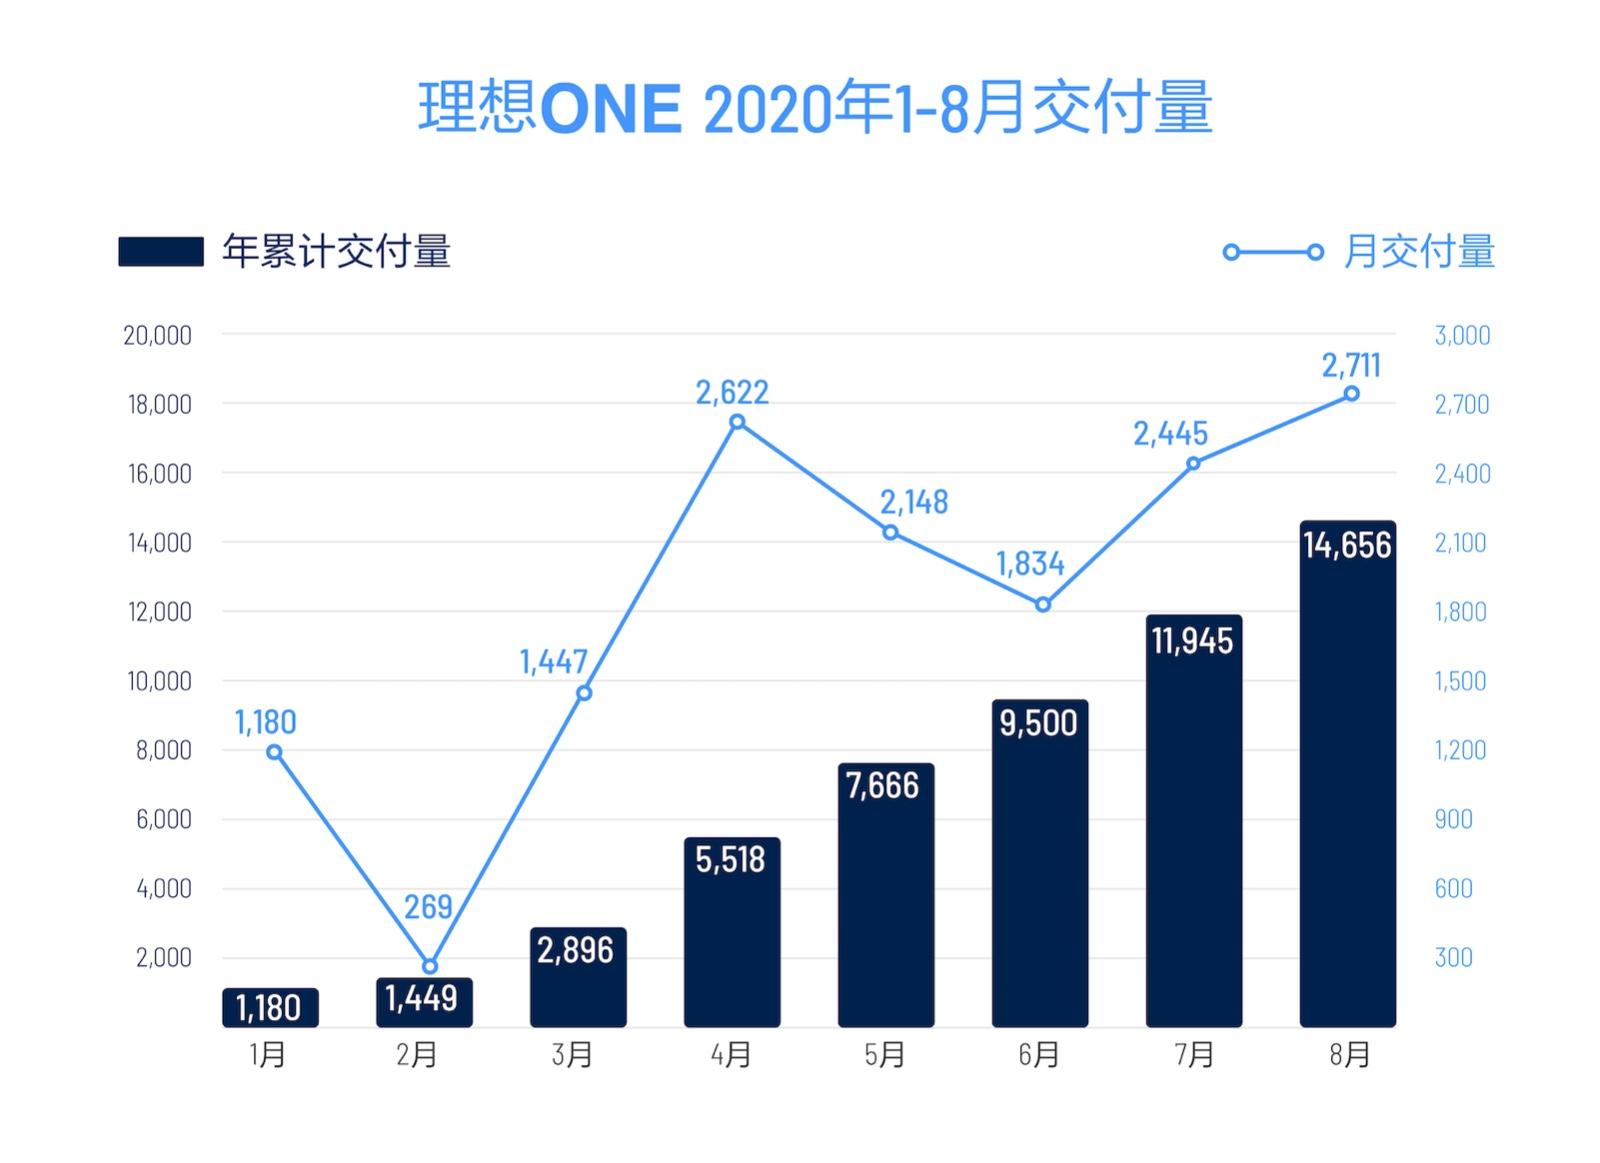 理想ONE 2020年1-8月交付量.JPG